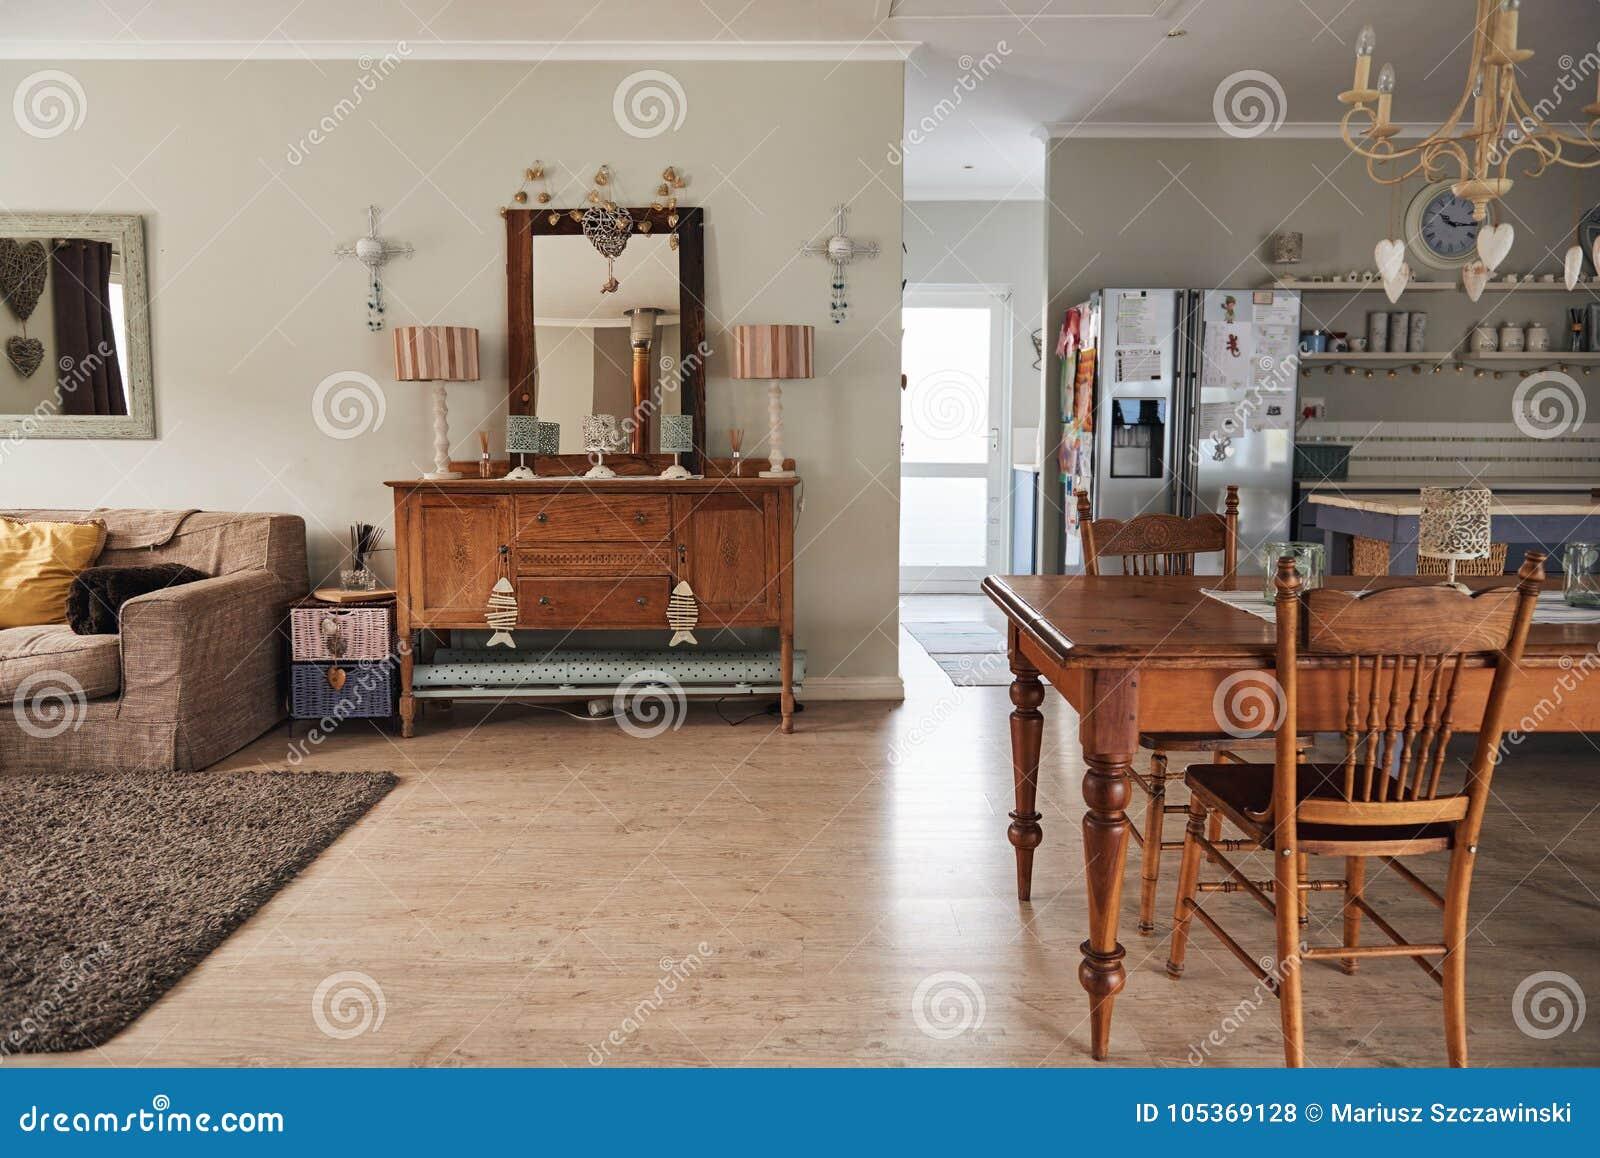 Intérieur Du Salon D\'une Maison Contemporaine Photo stock - Image du ...